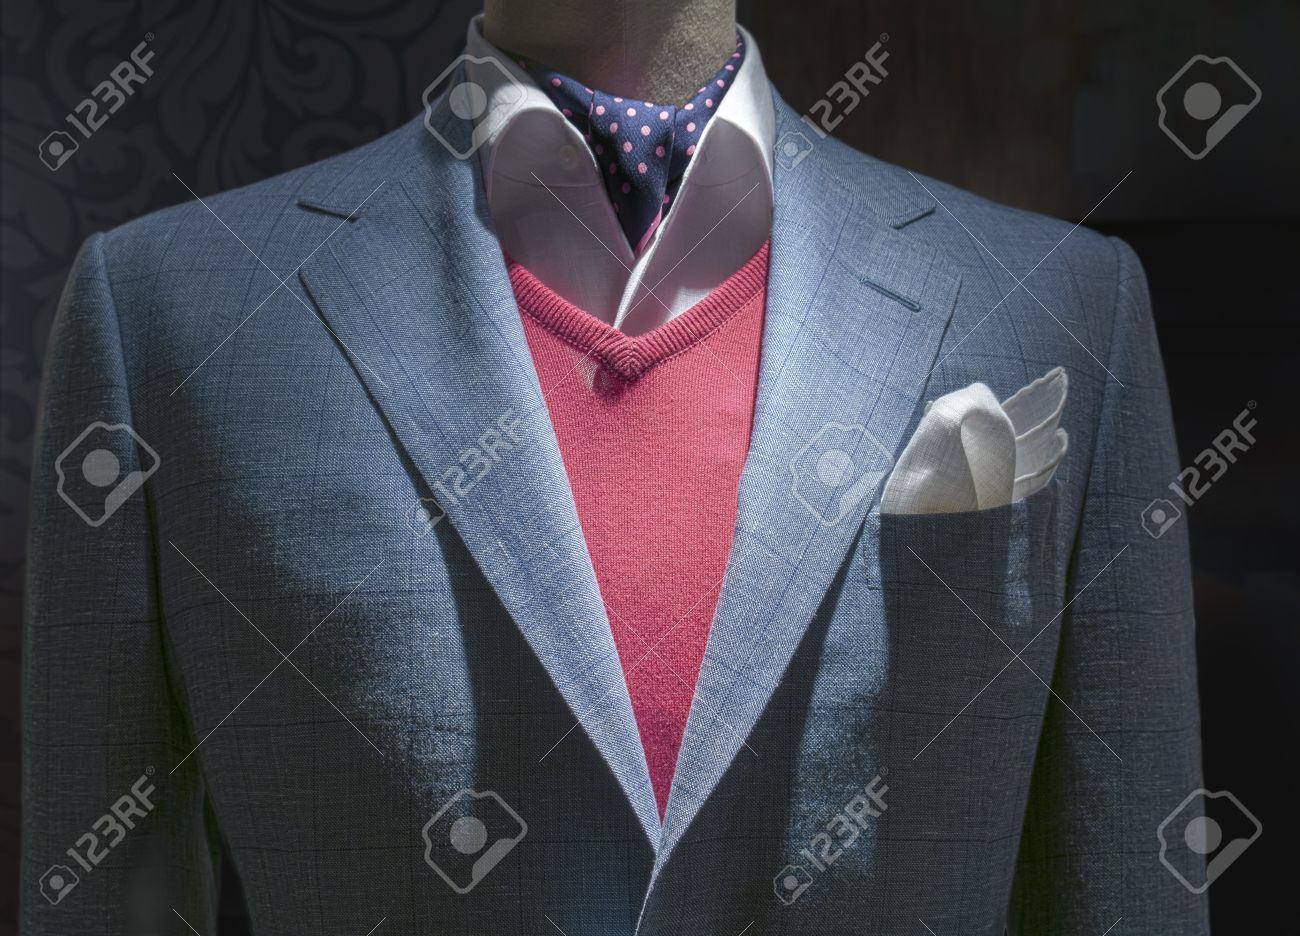 Gros Plan D Une Veste Legere A Carreaux Bleu Avec Pull Over Rouge